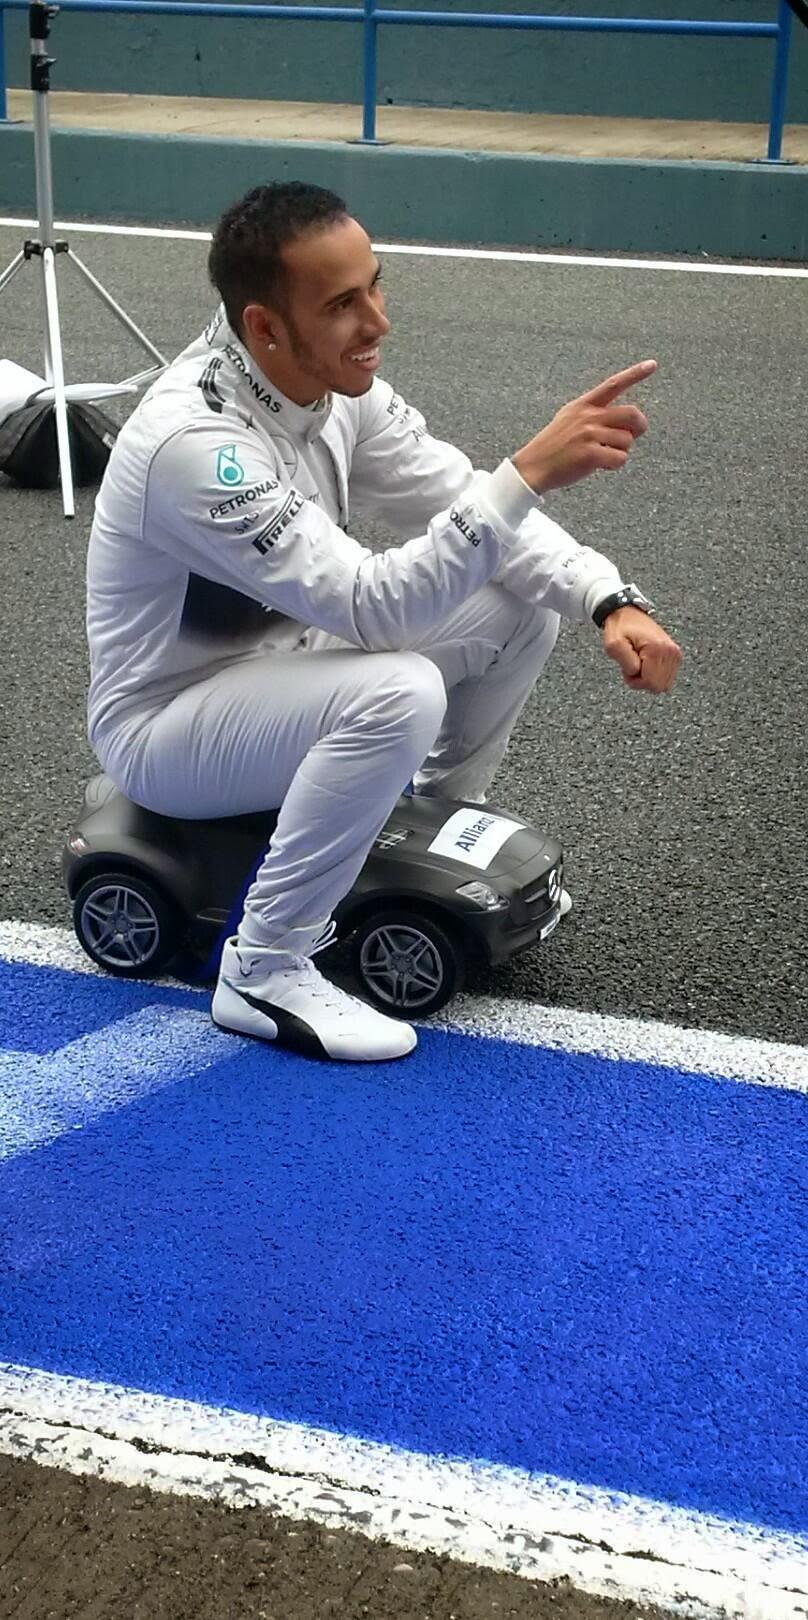 Льюис Хэмилтон на игрушечной машине Mercedes на тестах в Хересе 1 февраля 2014